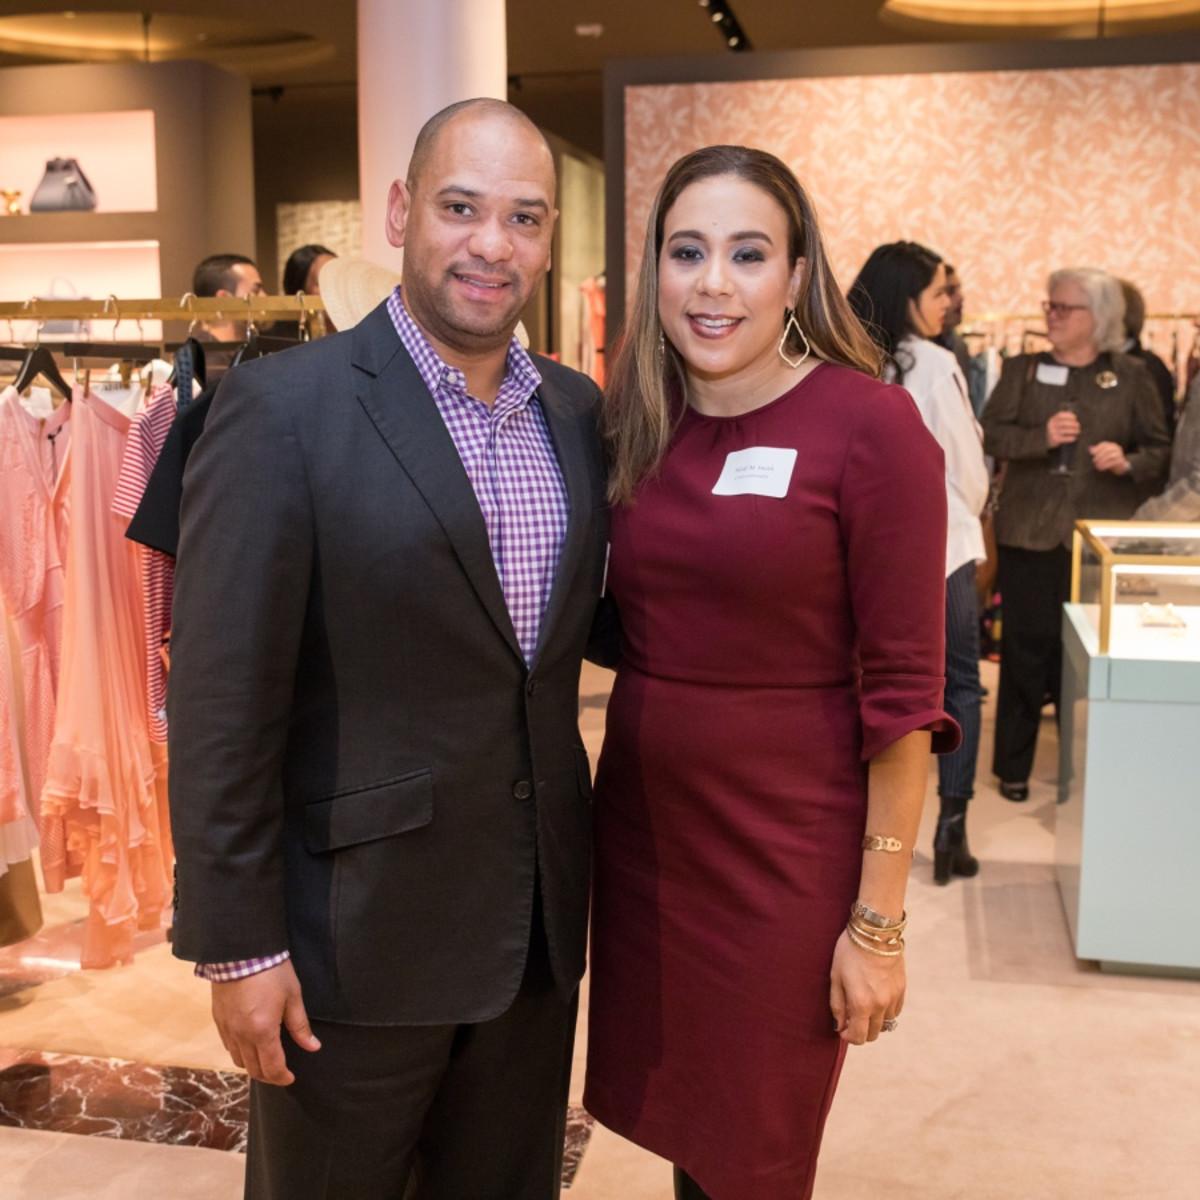 Houston, Table Talk Honoree party, January 2018, Marcus Smith, Heidi Smith